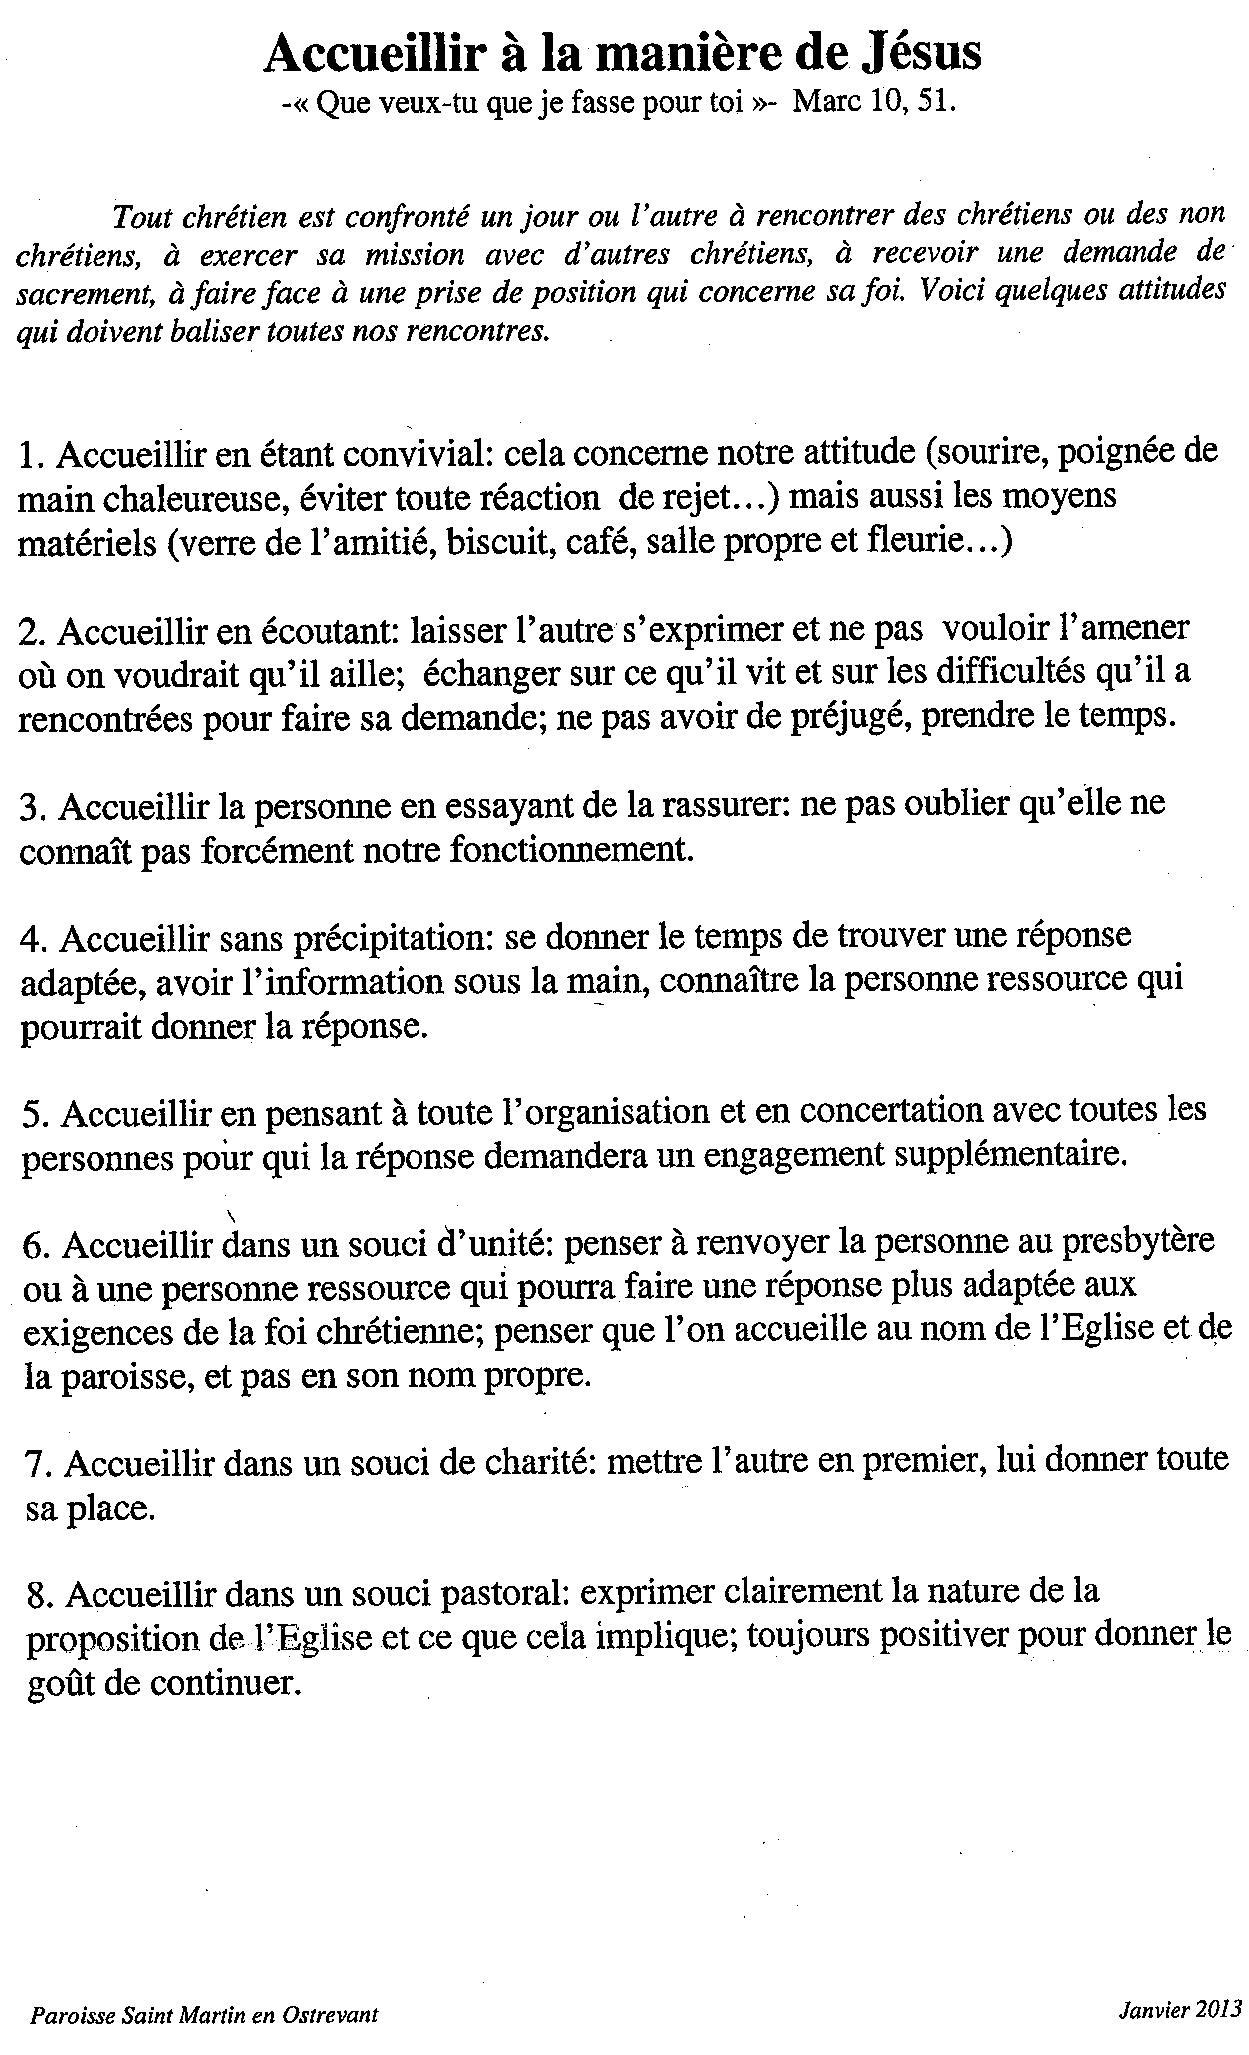 Le texte du projet Bouchain